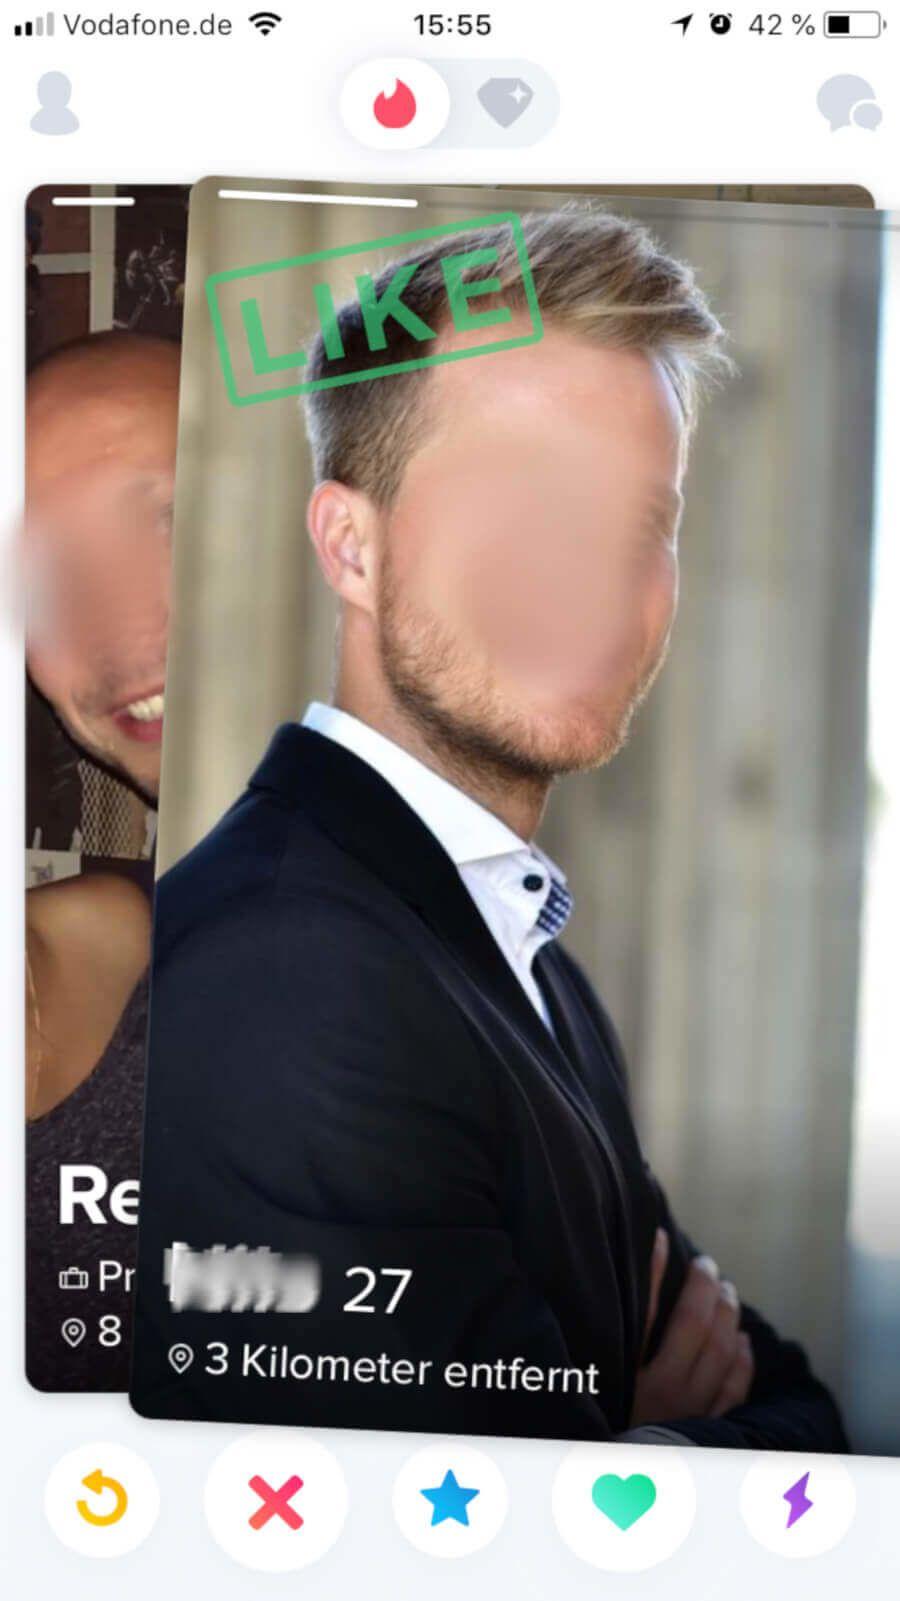 Gute online-dating-profile, um männer anzulocken